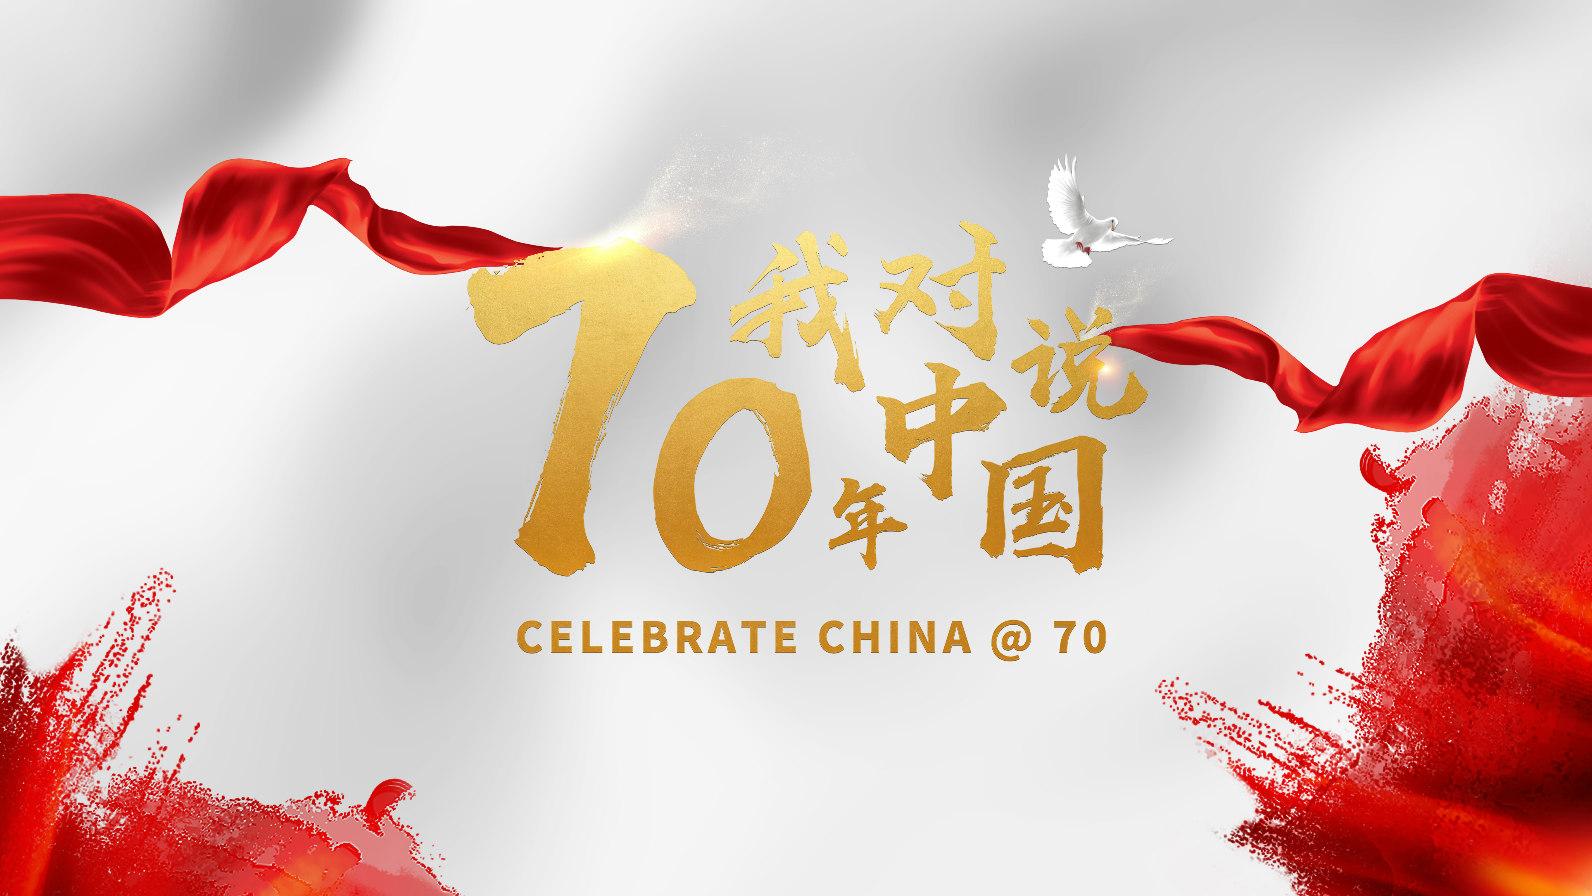 中国巨变70年